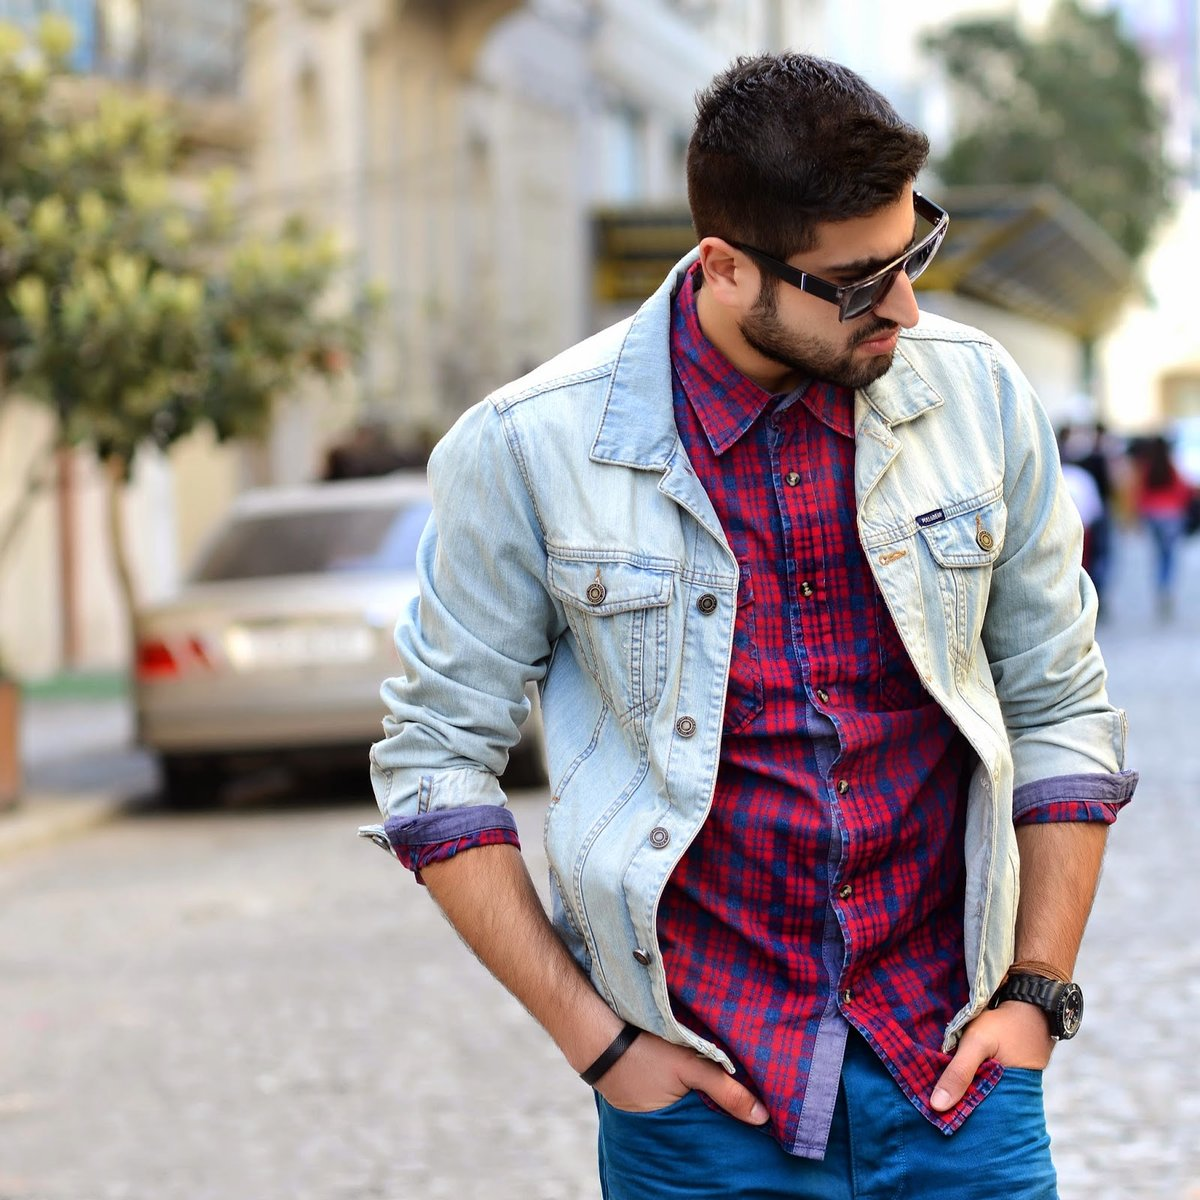 Стильная мужская одежда фото